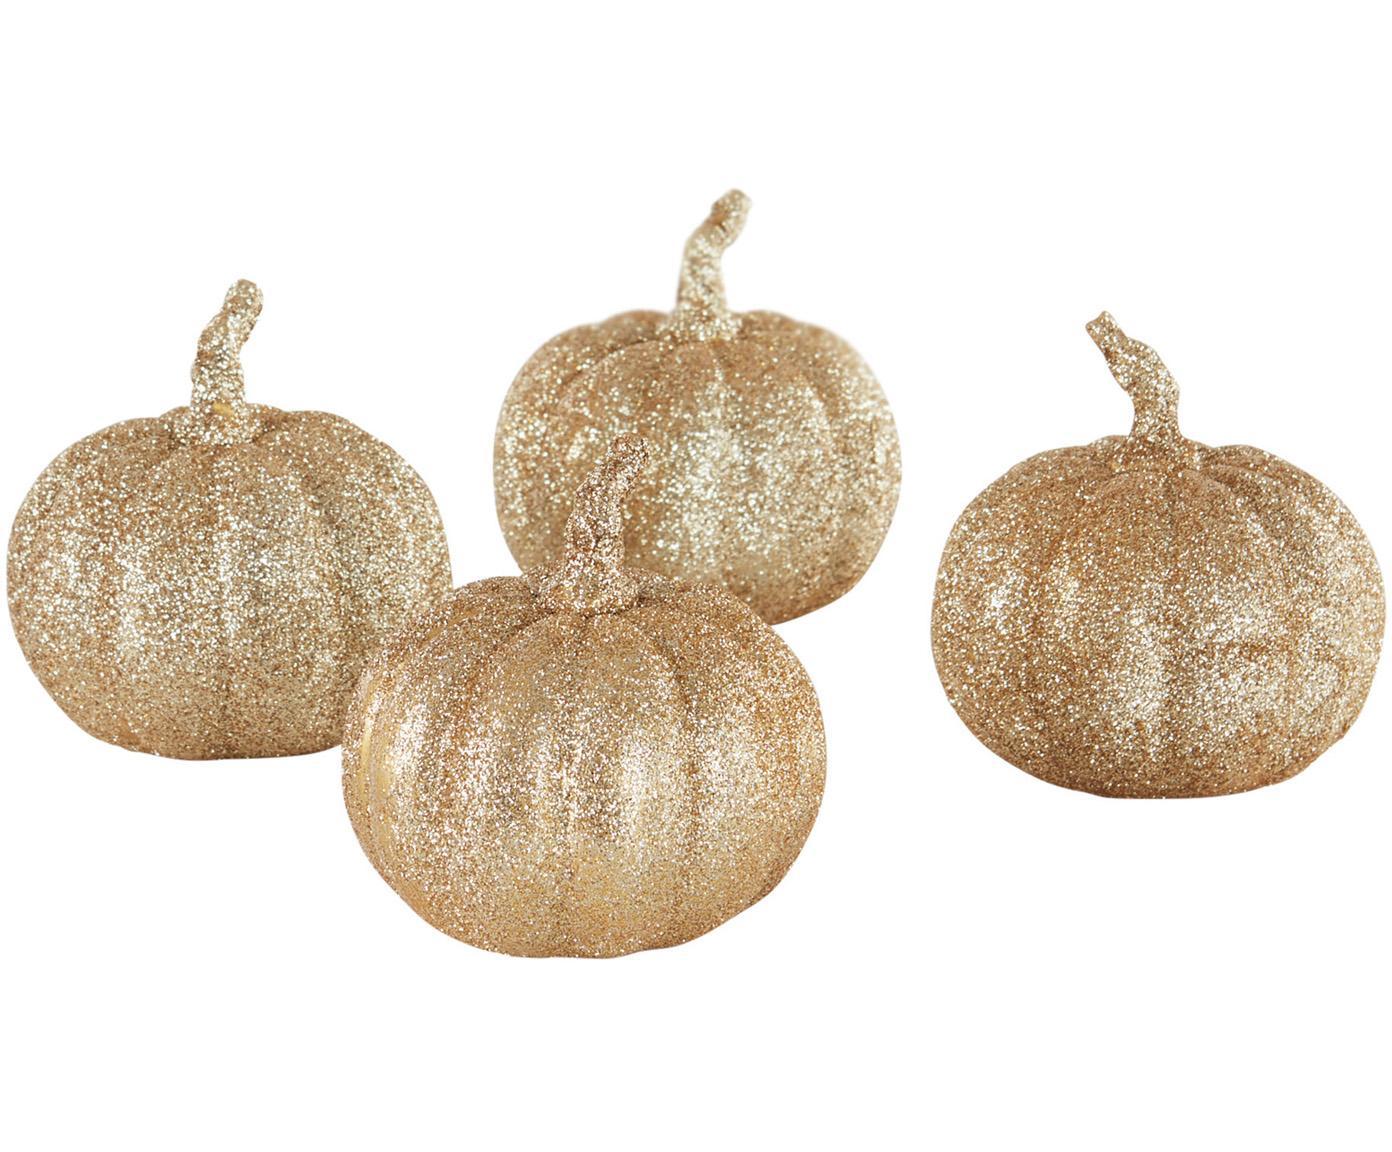 Decoratieve pompoenen Dixie, 4 stuks, Polyresin, Goudkleurig, Ø 9 x H 9 cm